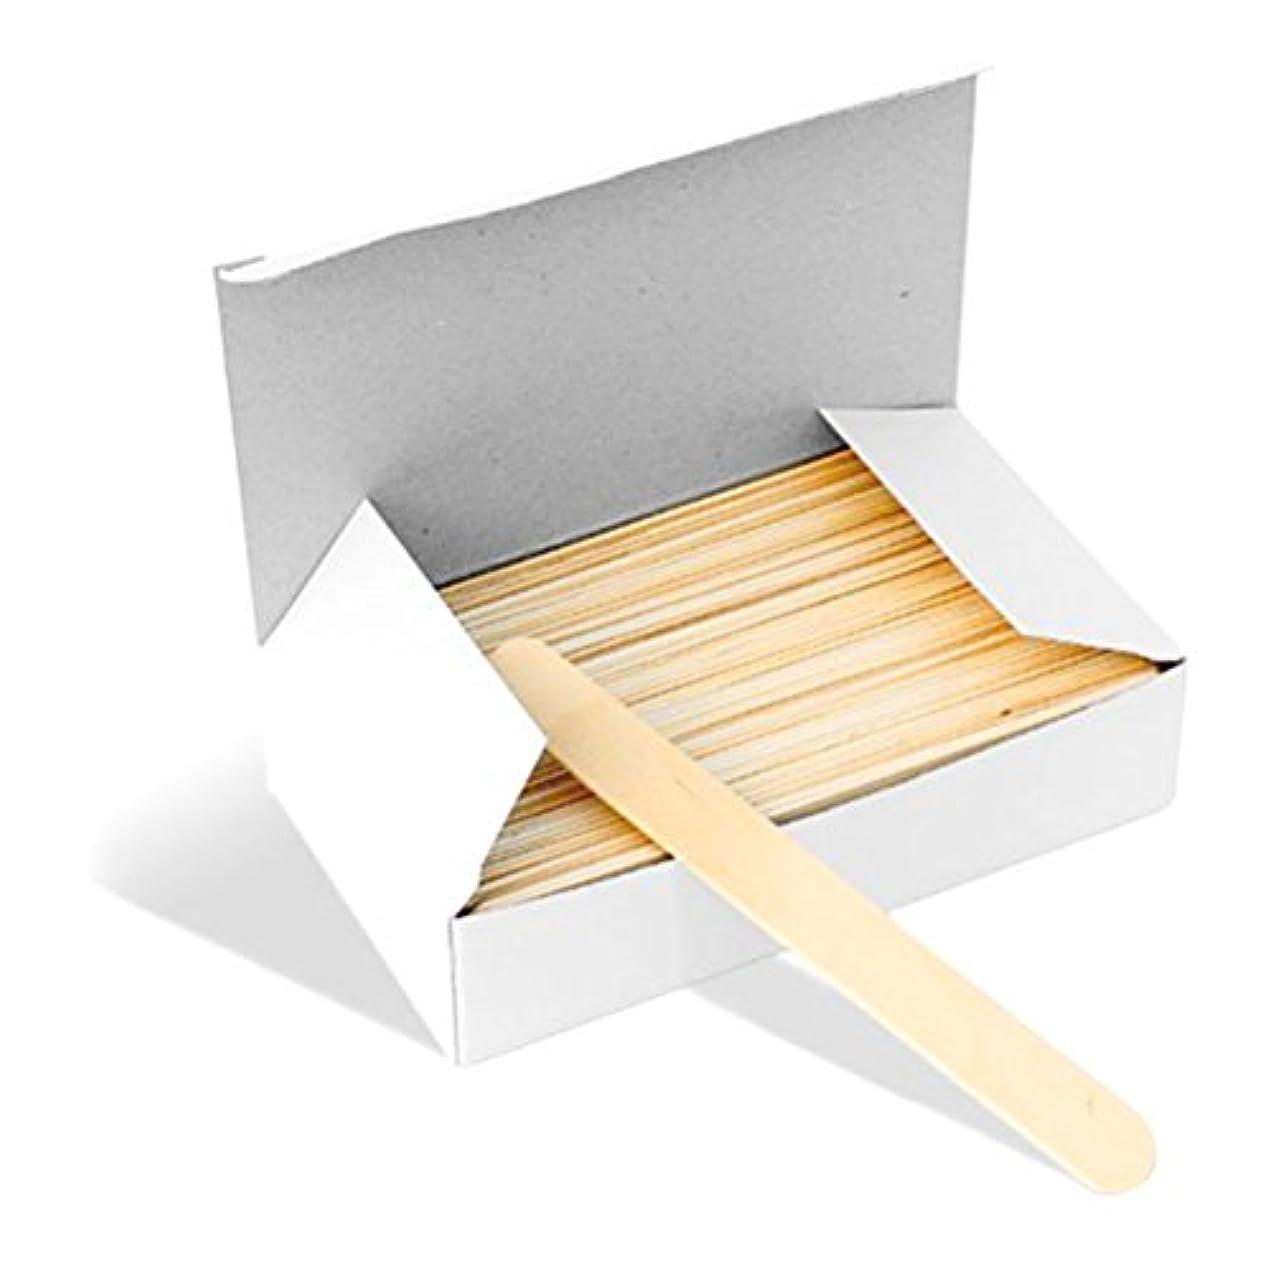 細分化する保護する無数のROSENICE 舌圧子 使い捨て 舌圧迫器 ディスポーザブル 業務用木製 消毒済 100本入り